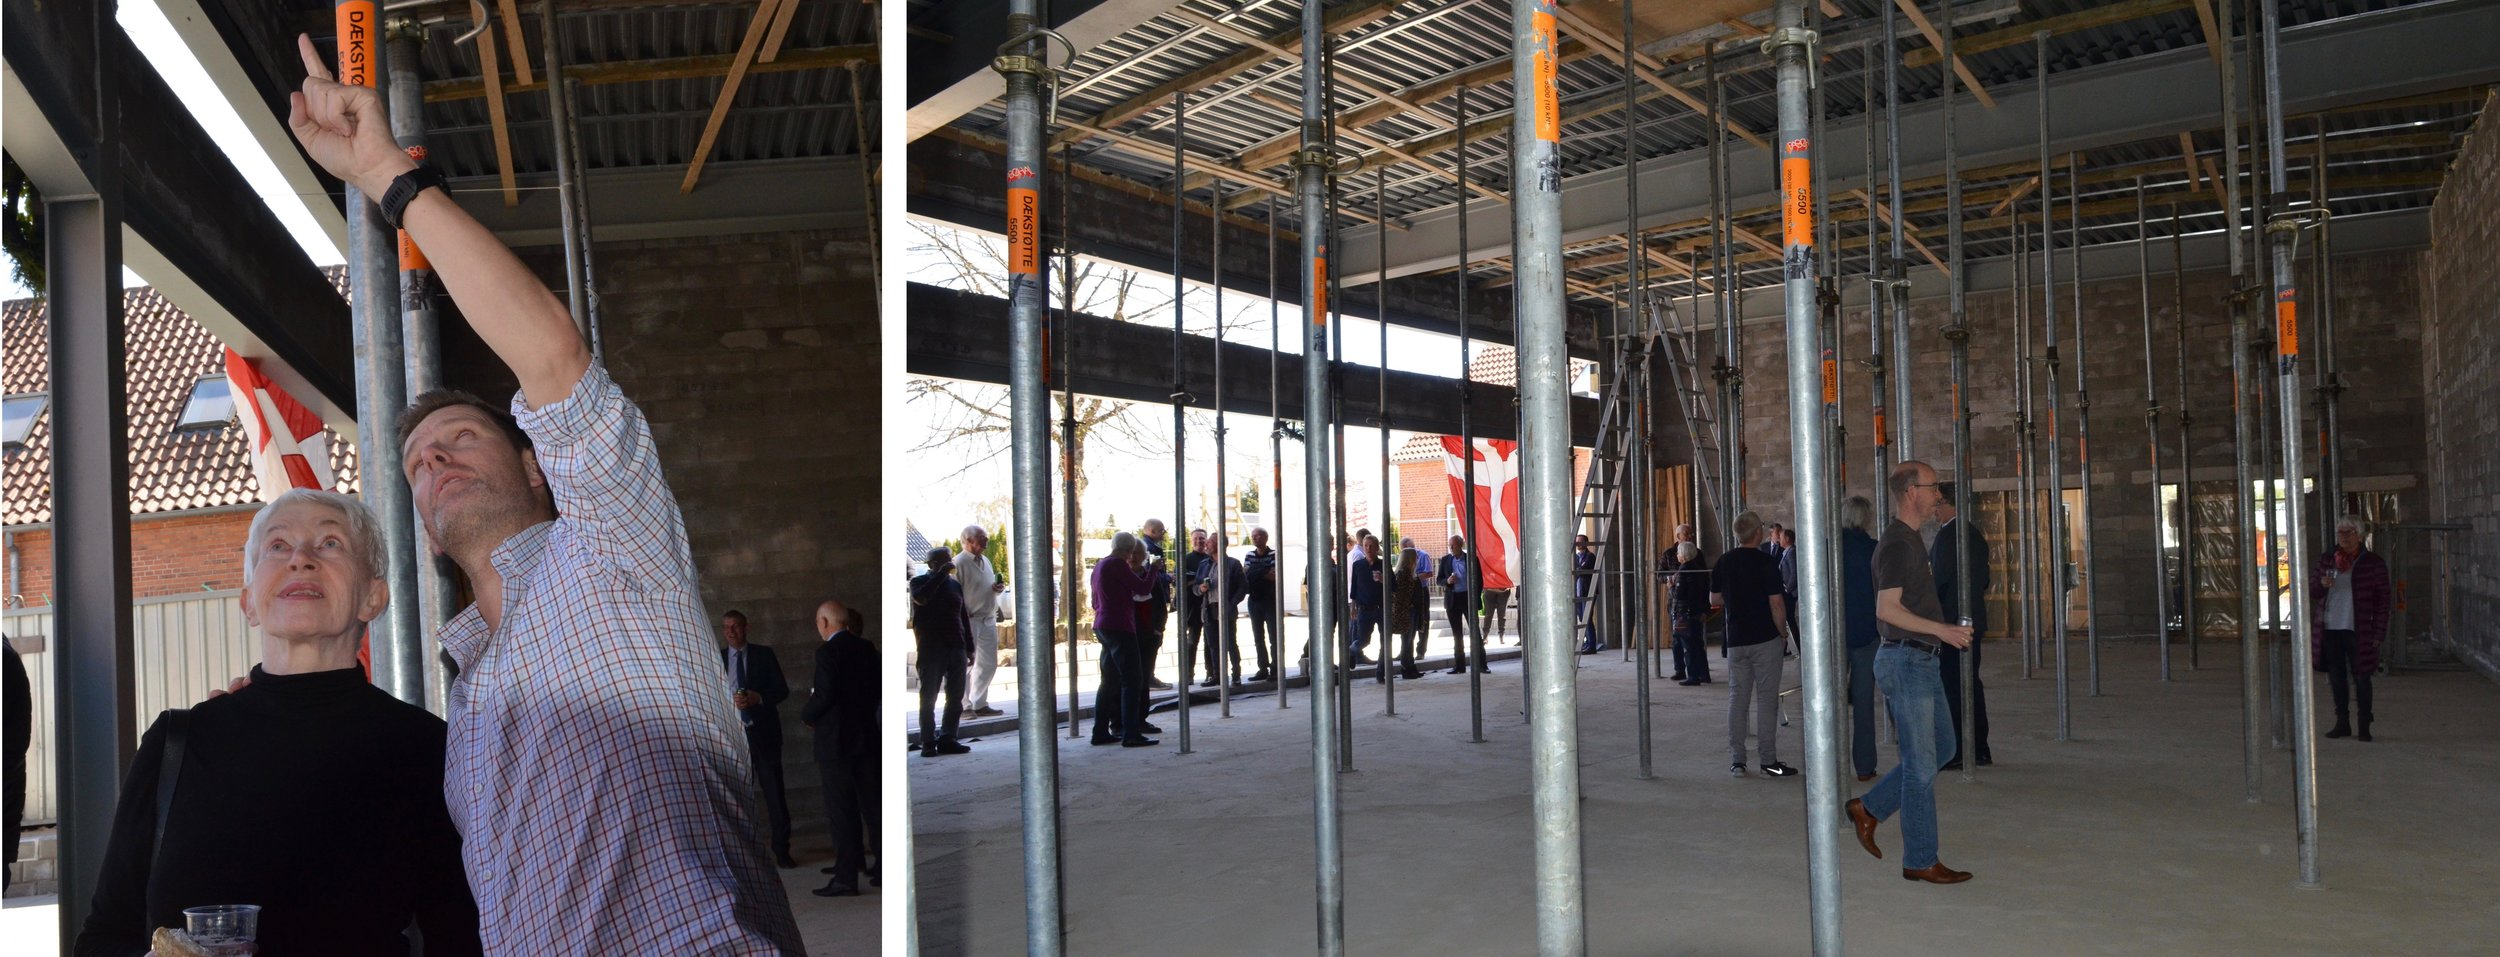 Taget på den selvstændige koncertssalsbygning er midlertidig understøttet af en række stålsøjler. Først om ca. 14 dage kan søjlerne demonteres, når betonkonstruktionen er hærdet. Fotos:AOB